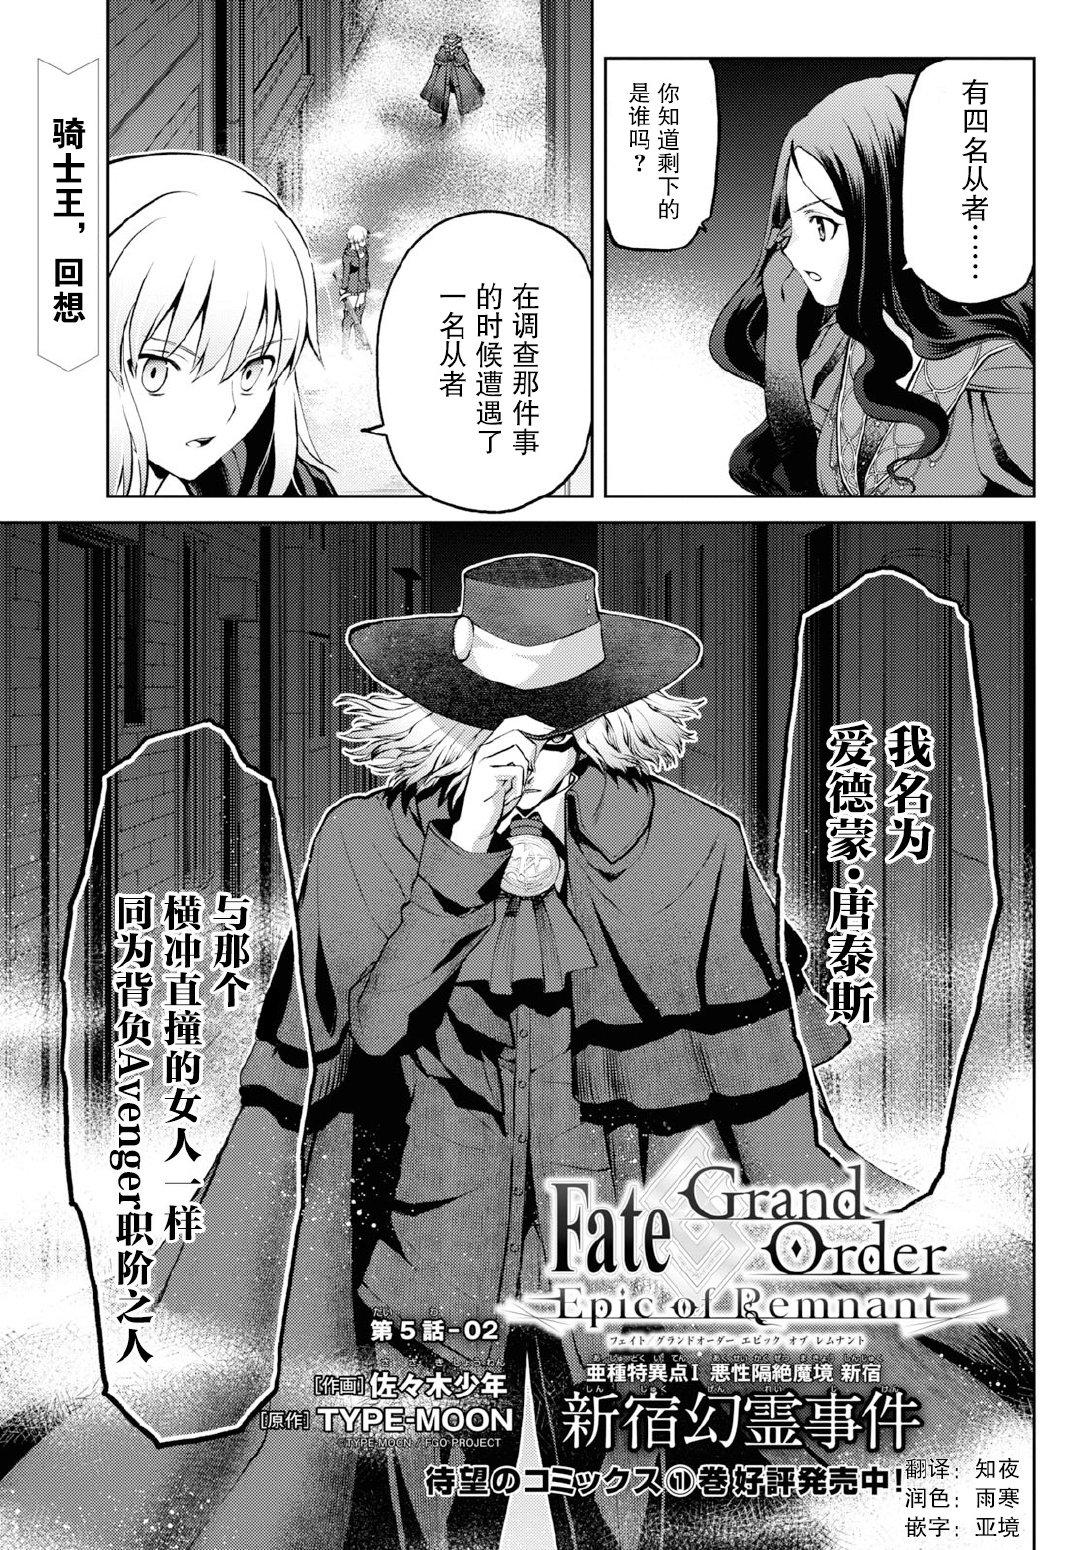 Fate Grand Order 短篇漫画 1.5.1 亚种特异点Ⅰ恶性隔绝魔境 新宿幻灵事件 第5话-02 Fate Grand Order Fate Grand Order 漫画 第1张